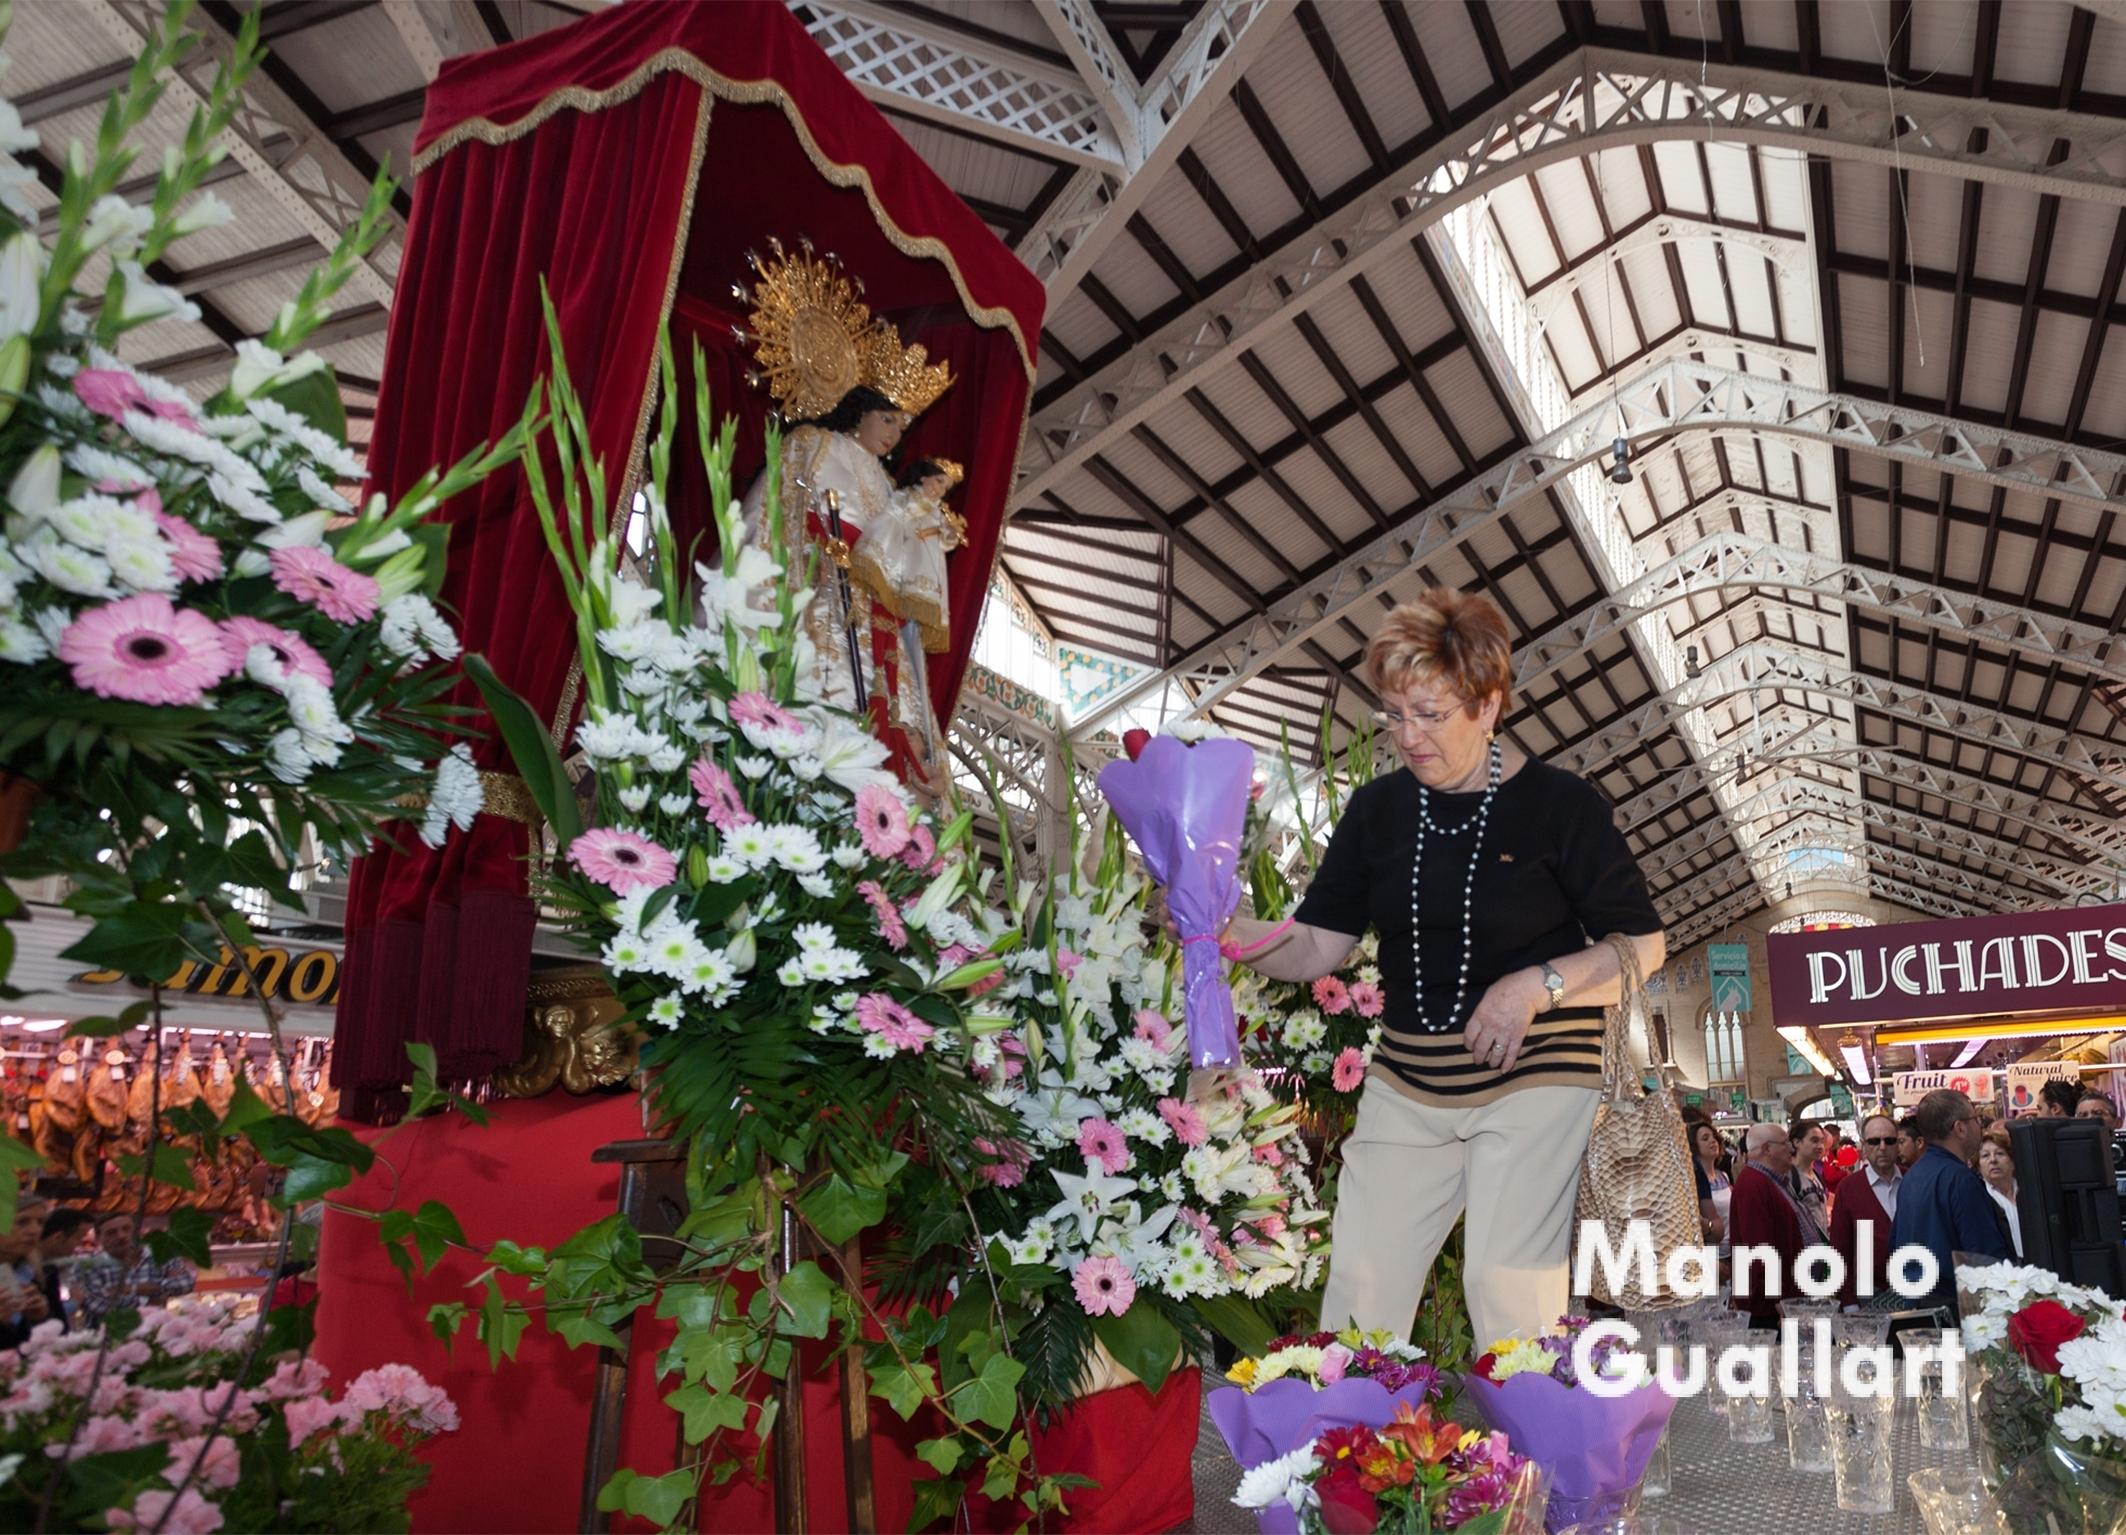 Ofrenda a la Virgen en el Mercado Central de Valencia. Foto de Manolo Guallart.